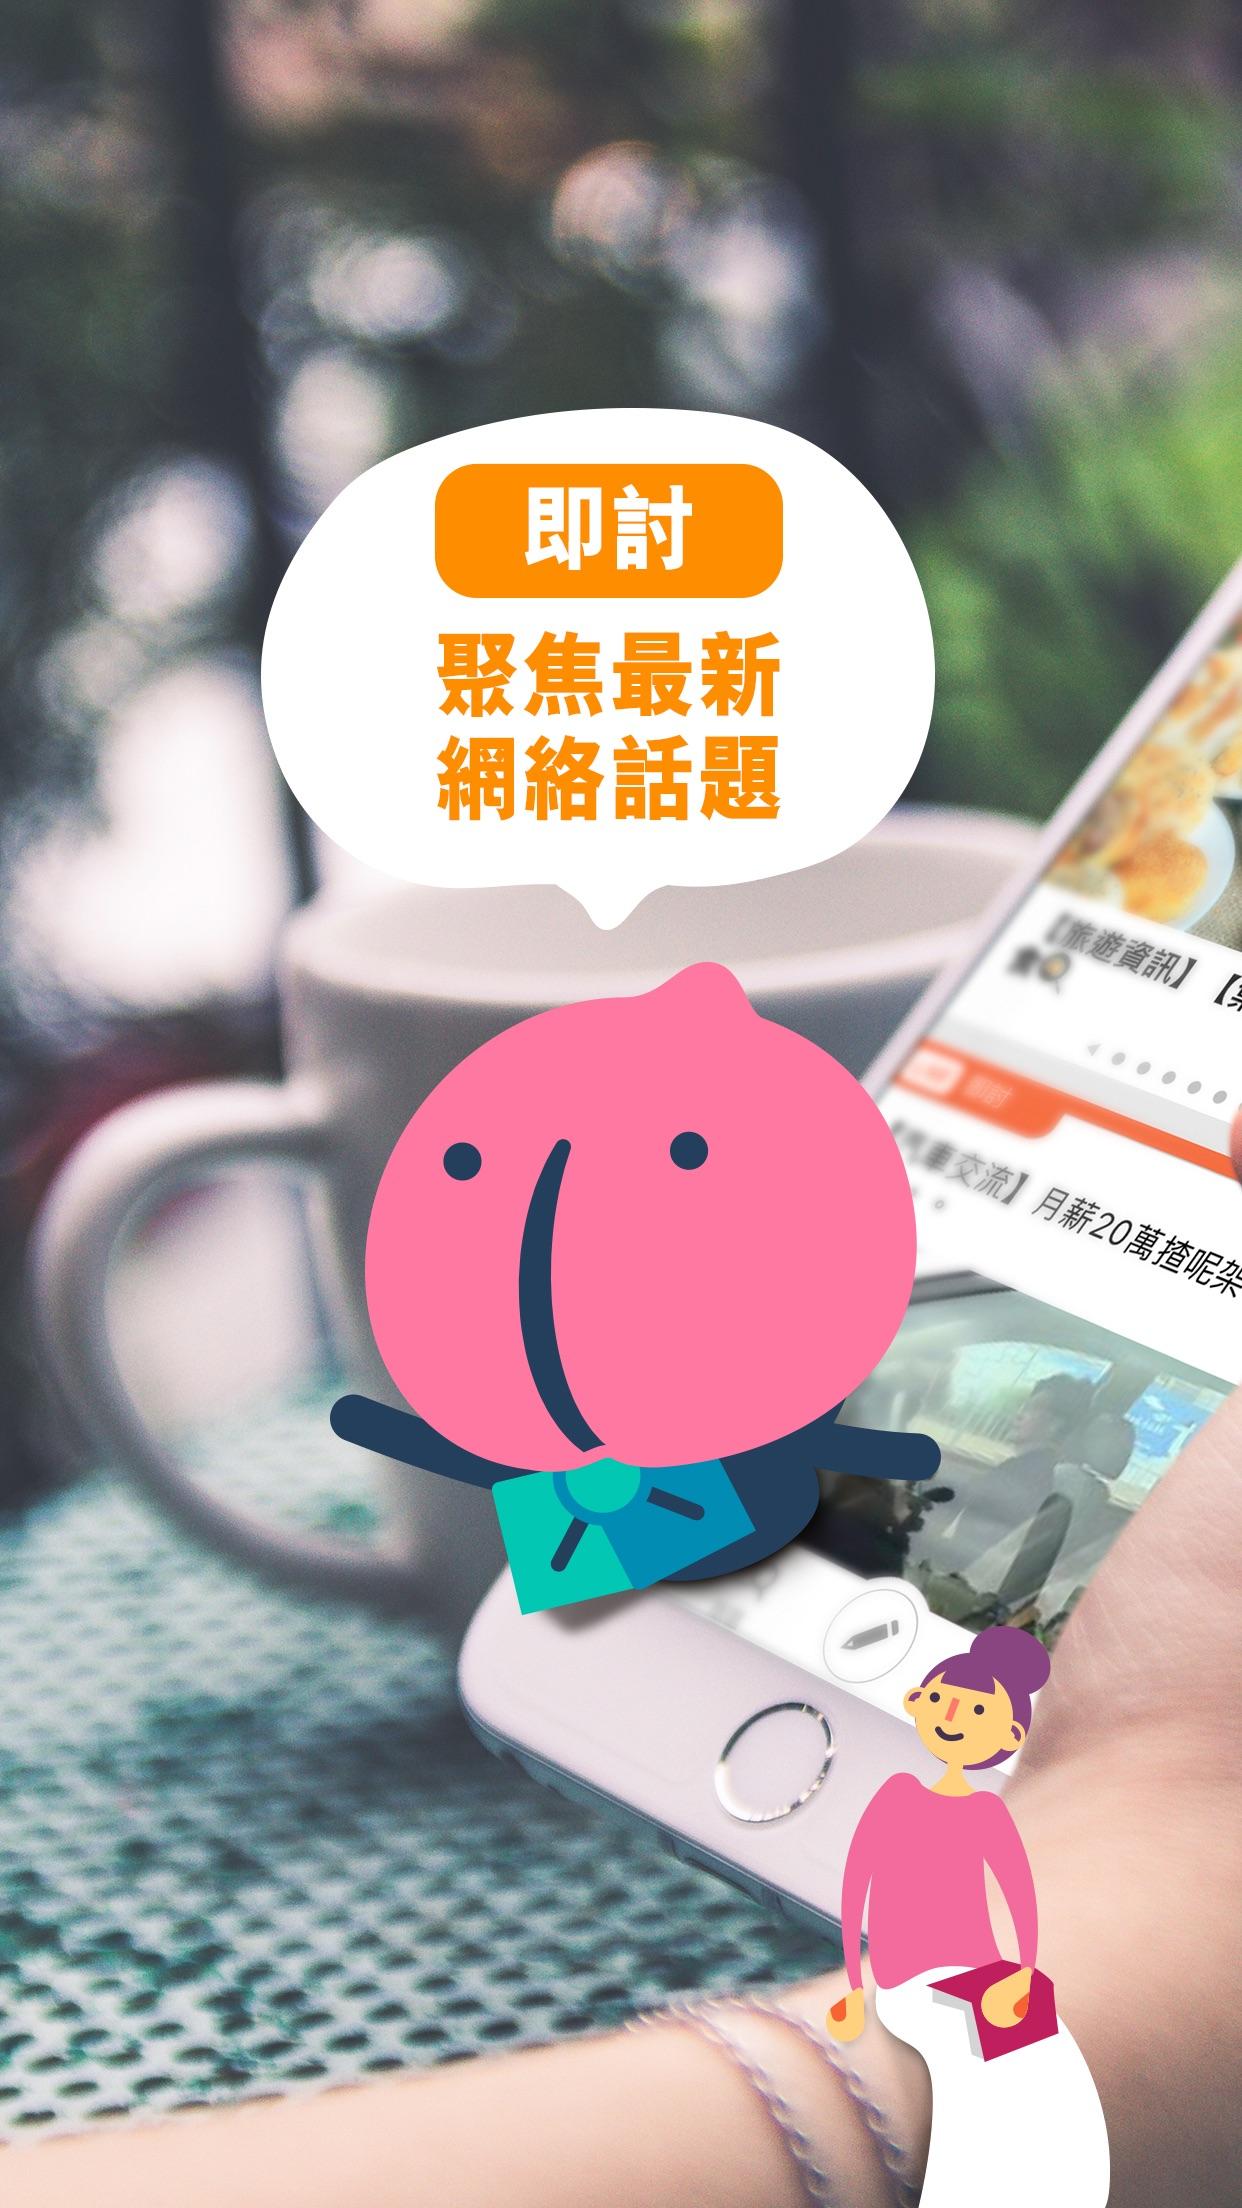 香討 - discuss.com.hk 香港討論區 Screenshot